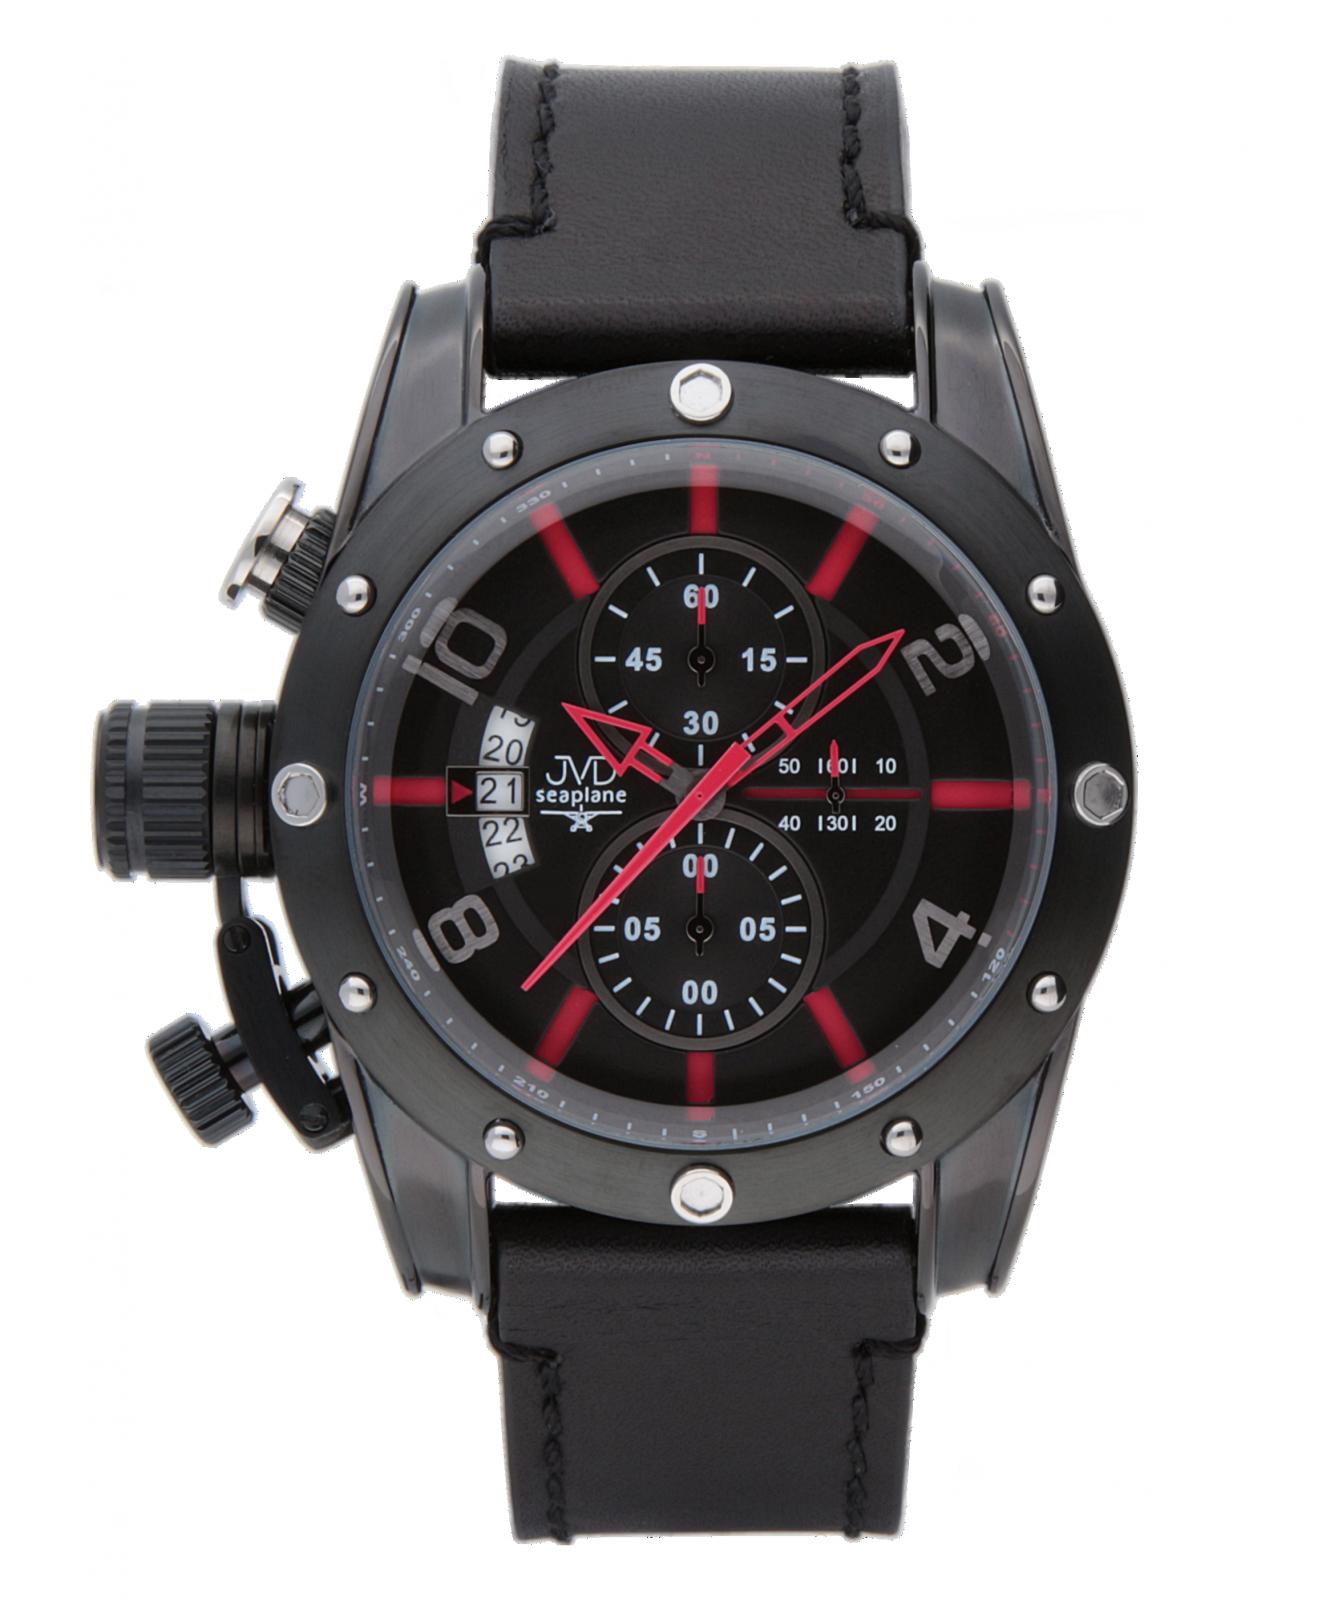 Náramkové hodinky pánské Seaplane ULTIMATE JVDW 47.3 červená